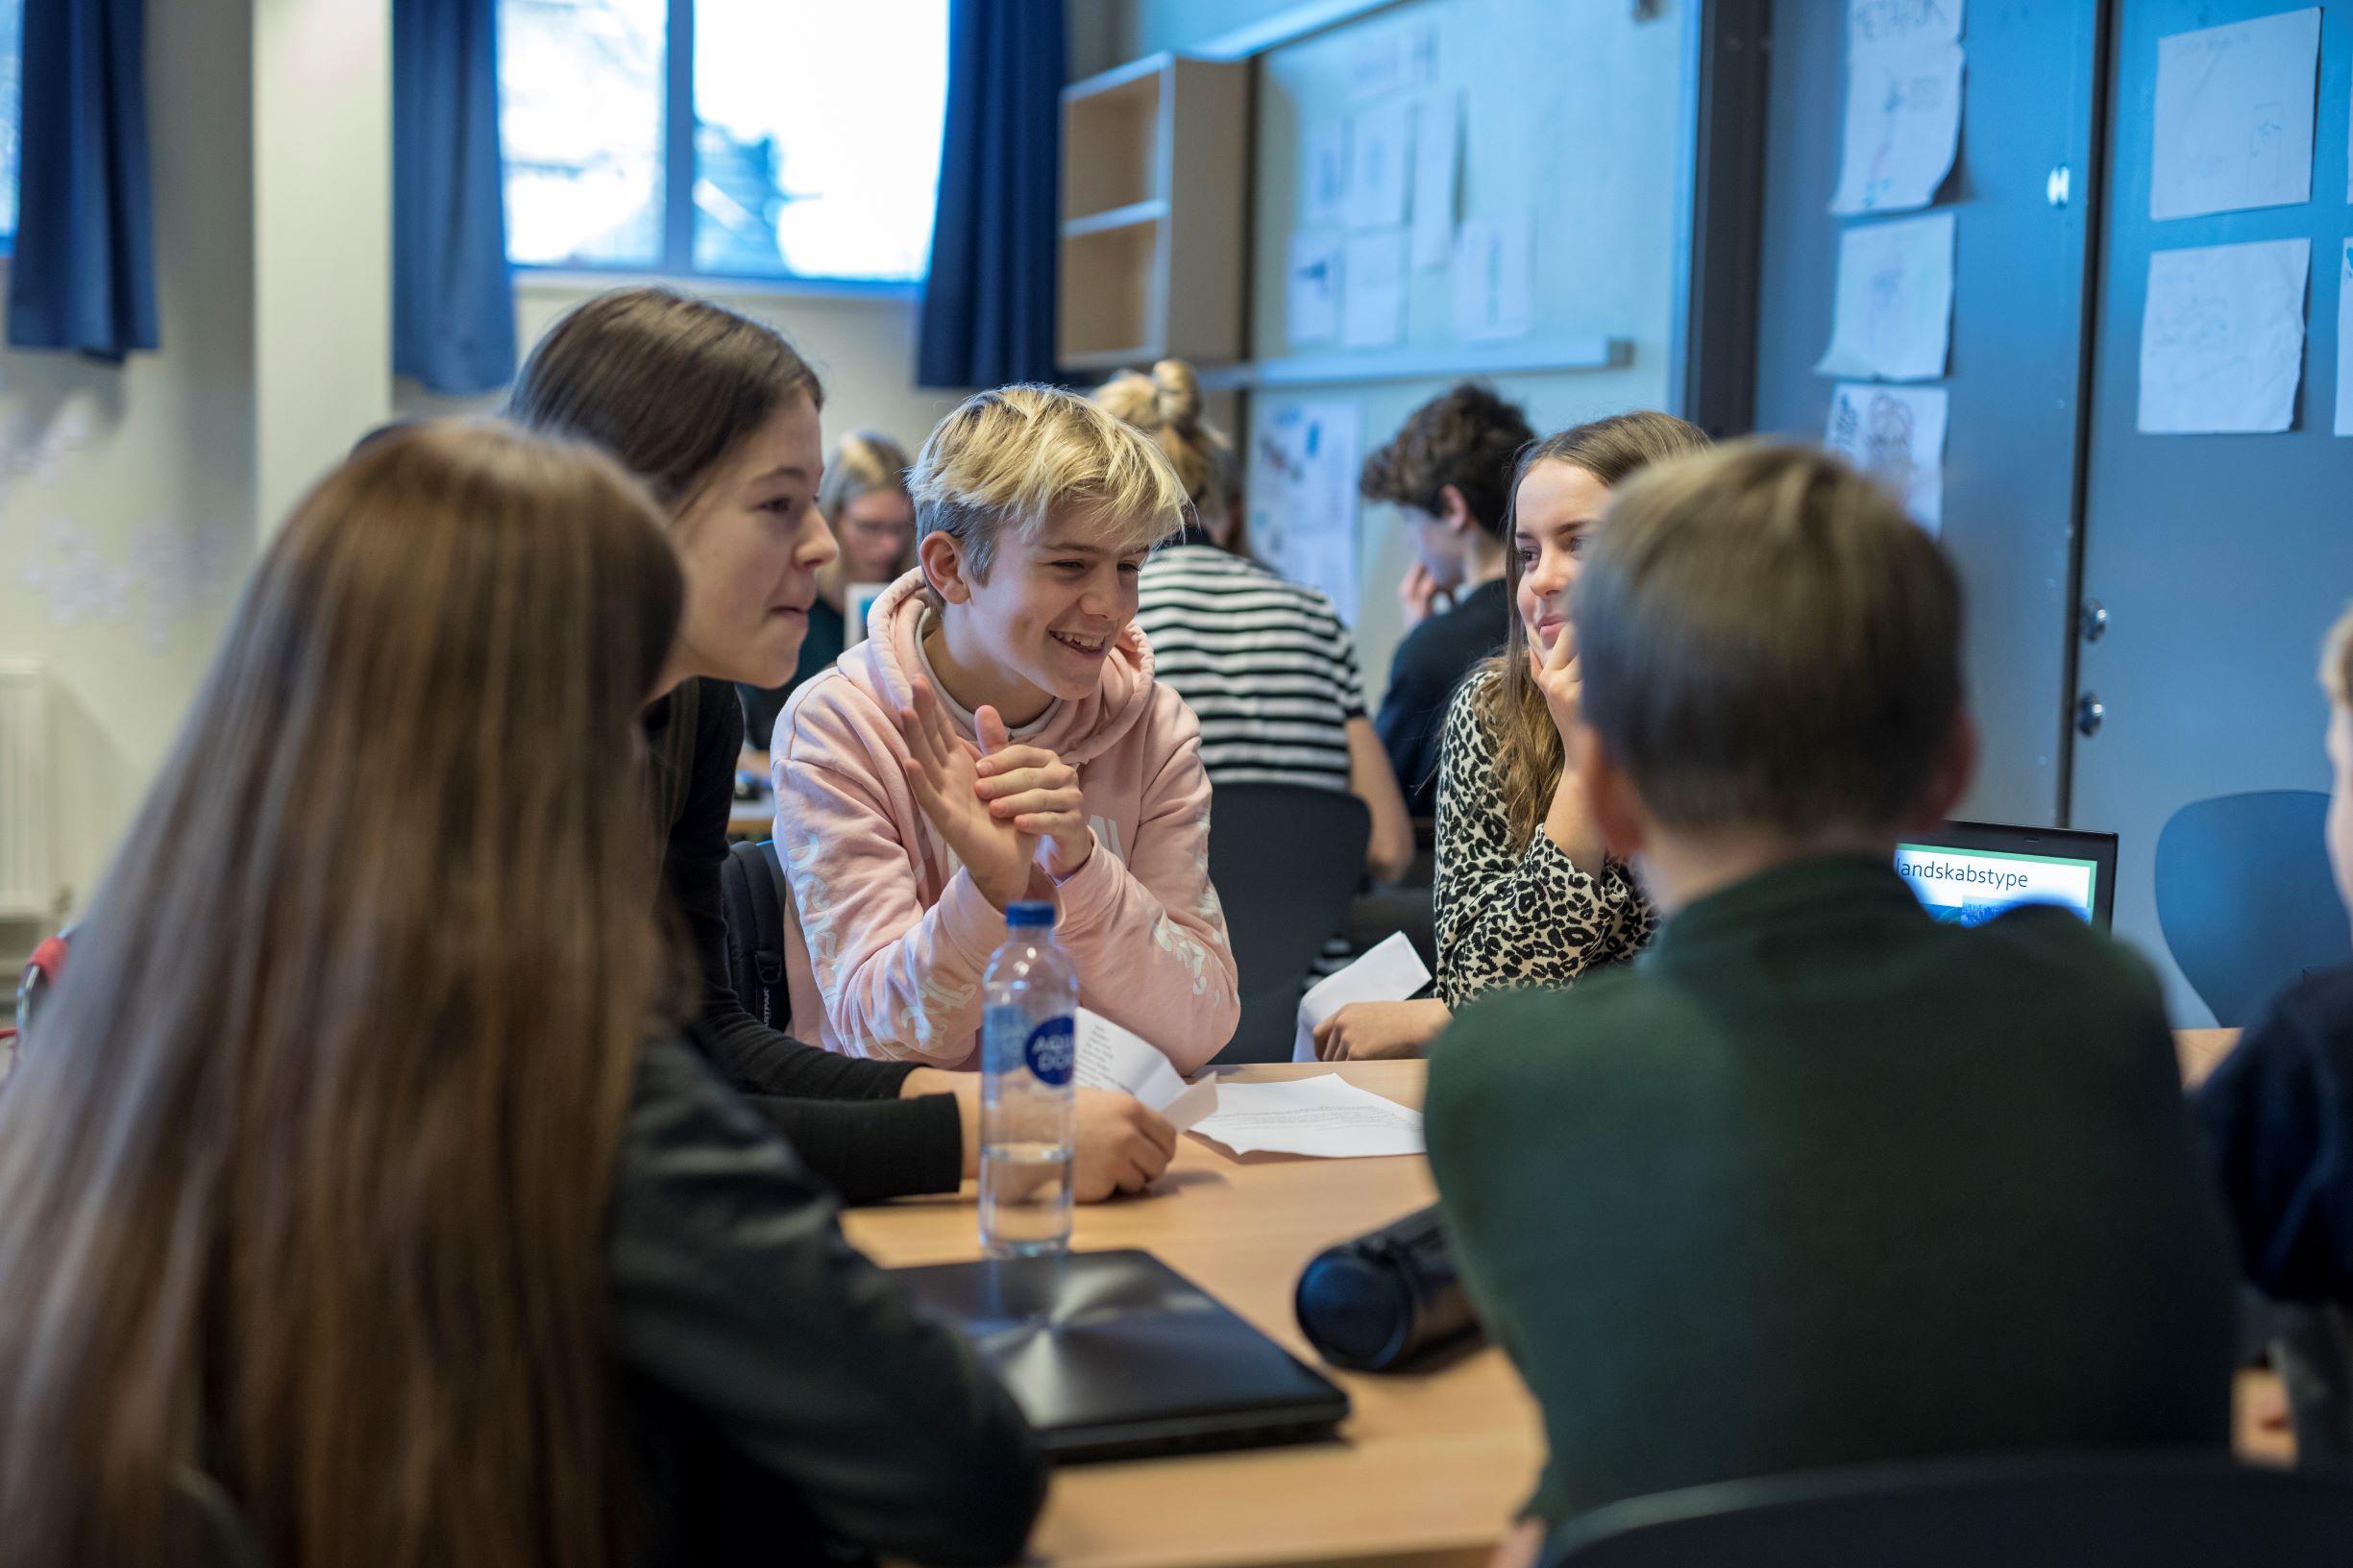 Elever der snakker over et bord